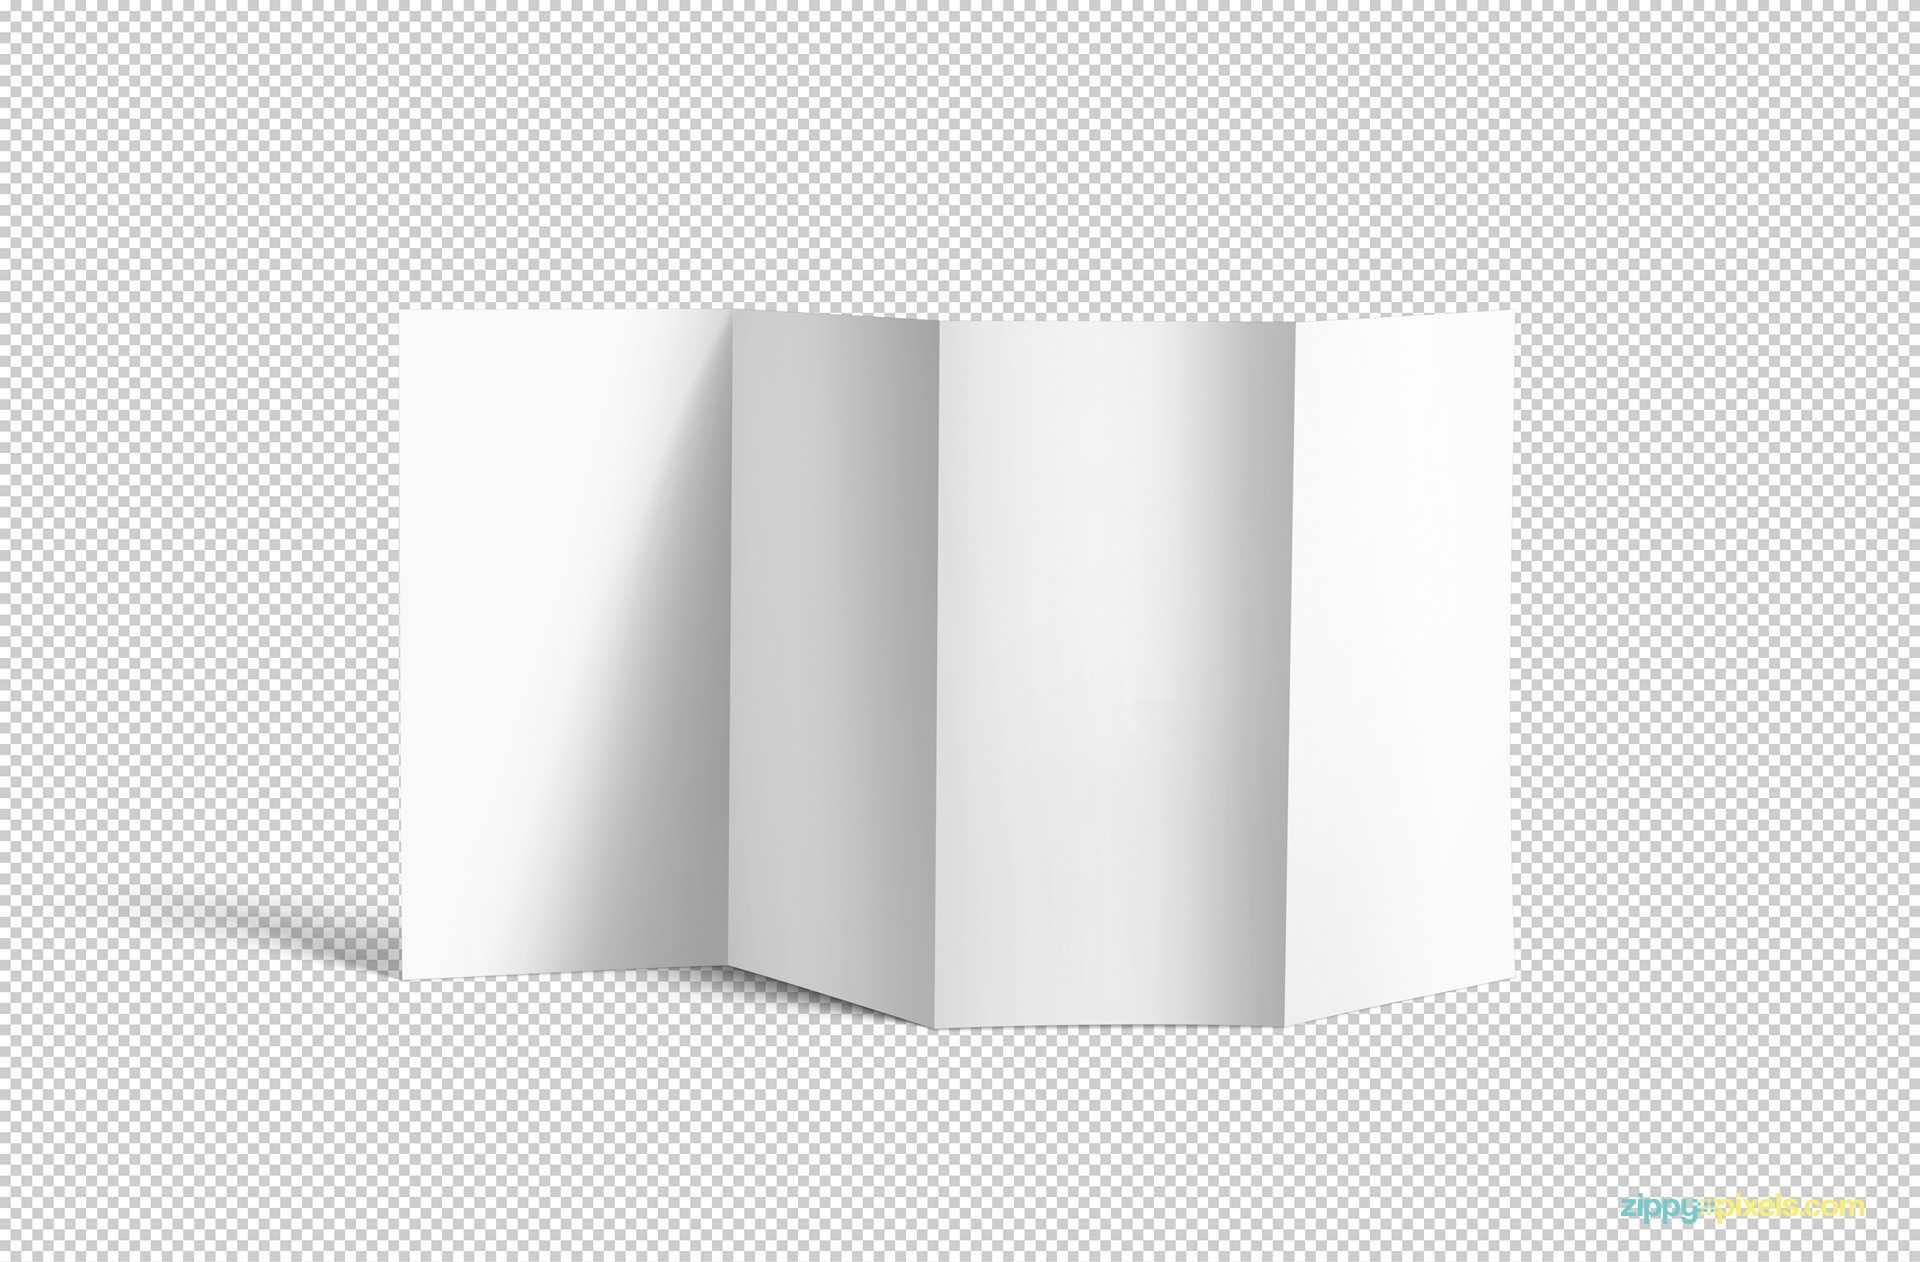 Free 4 Fold Brochure Mockup | Zippypixels Inside 4 Fold Brochure Template Word